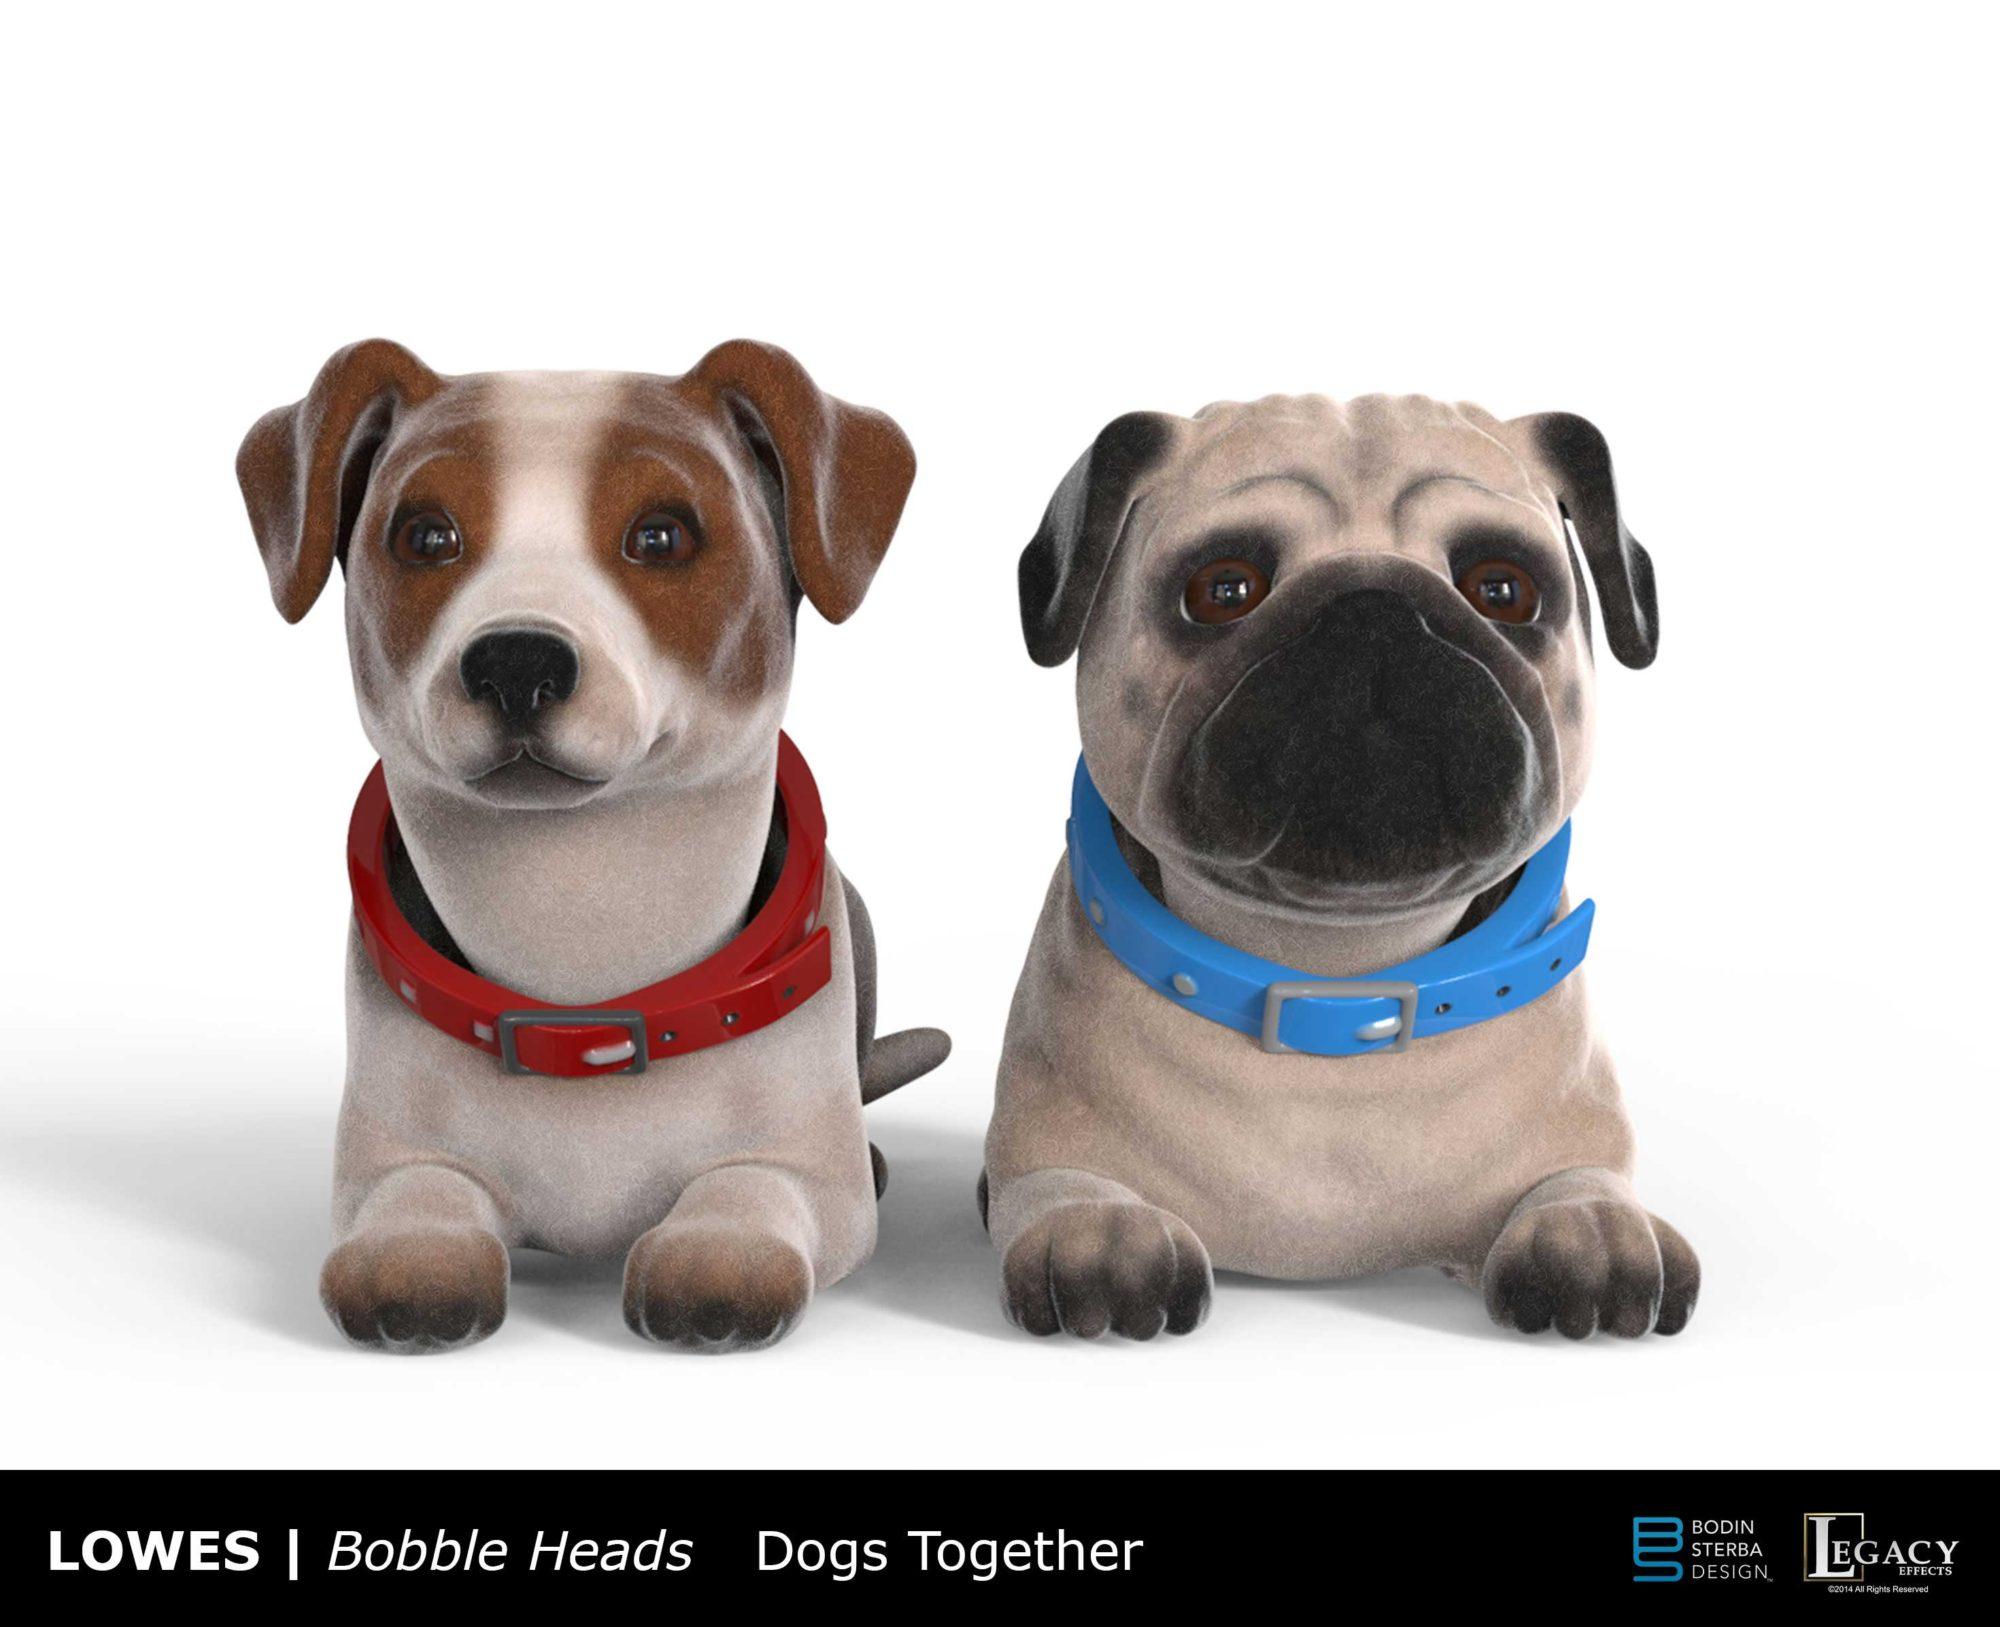 lowes bobblehead dogs designs bodin sterba design